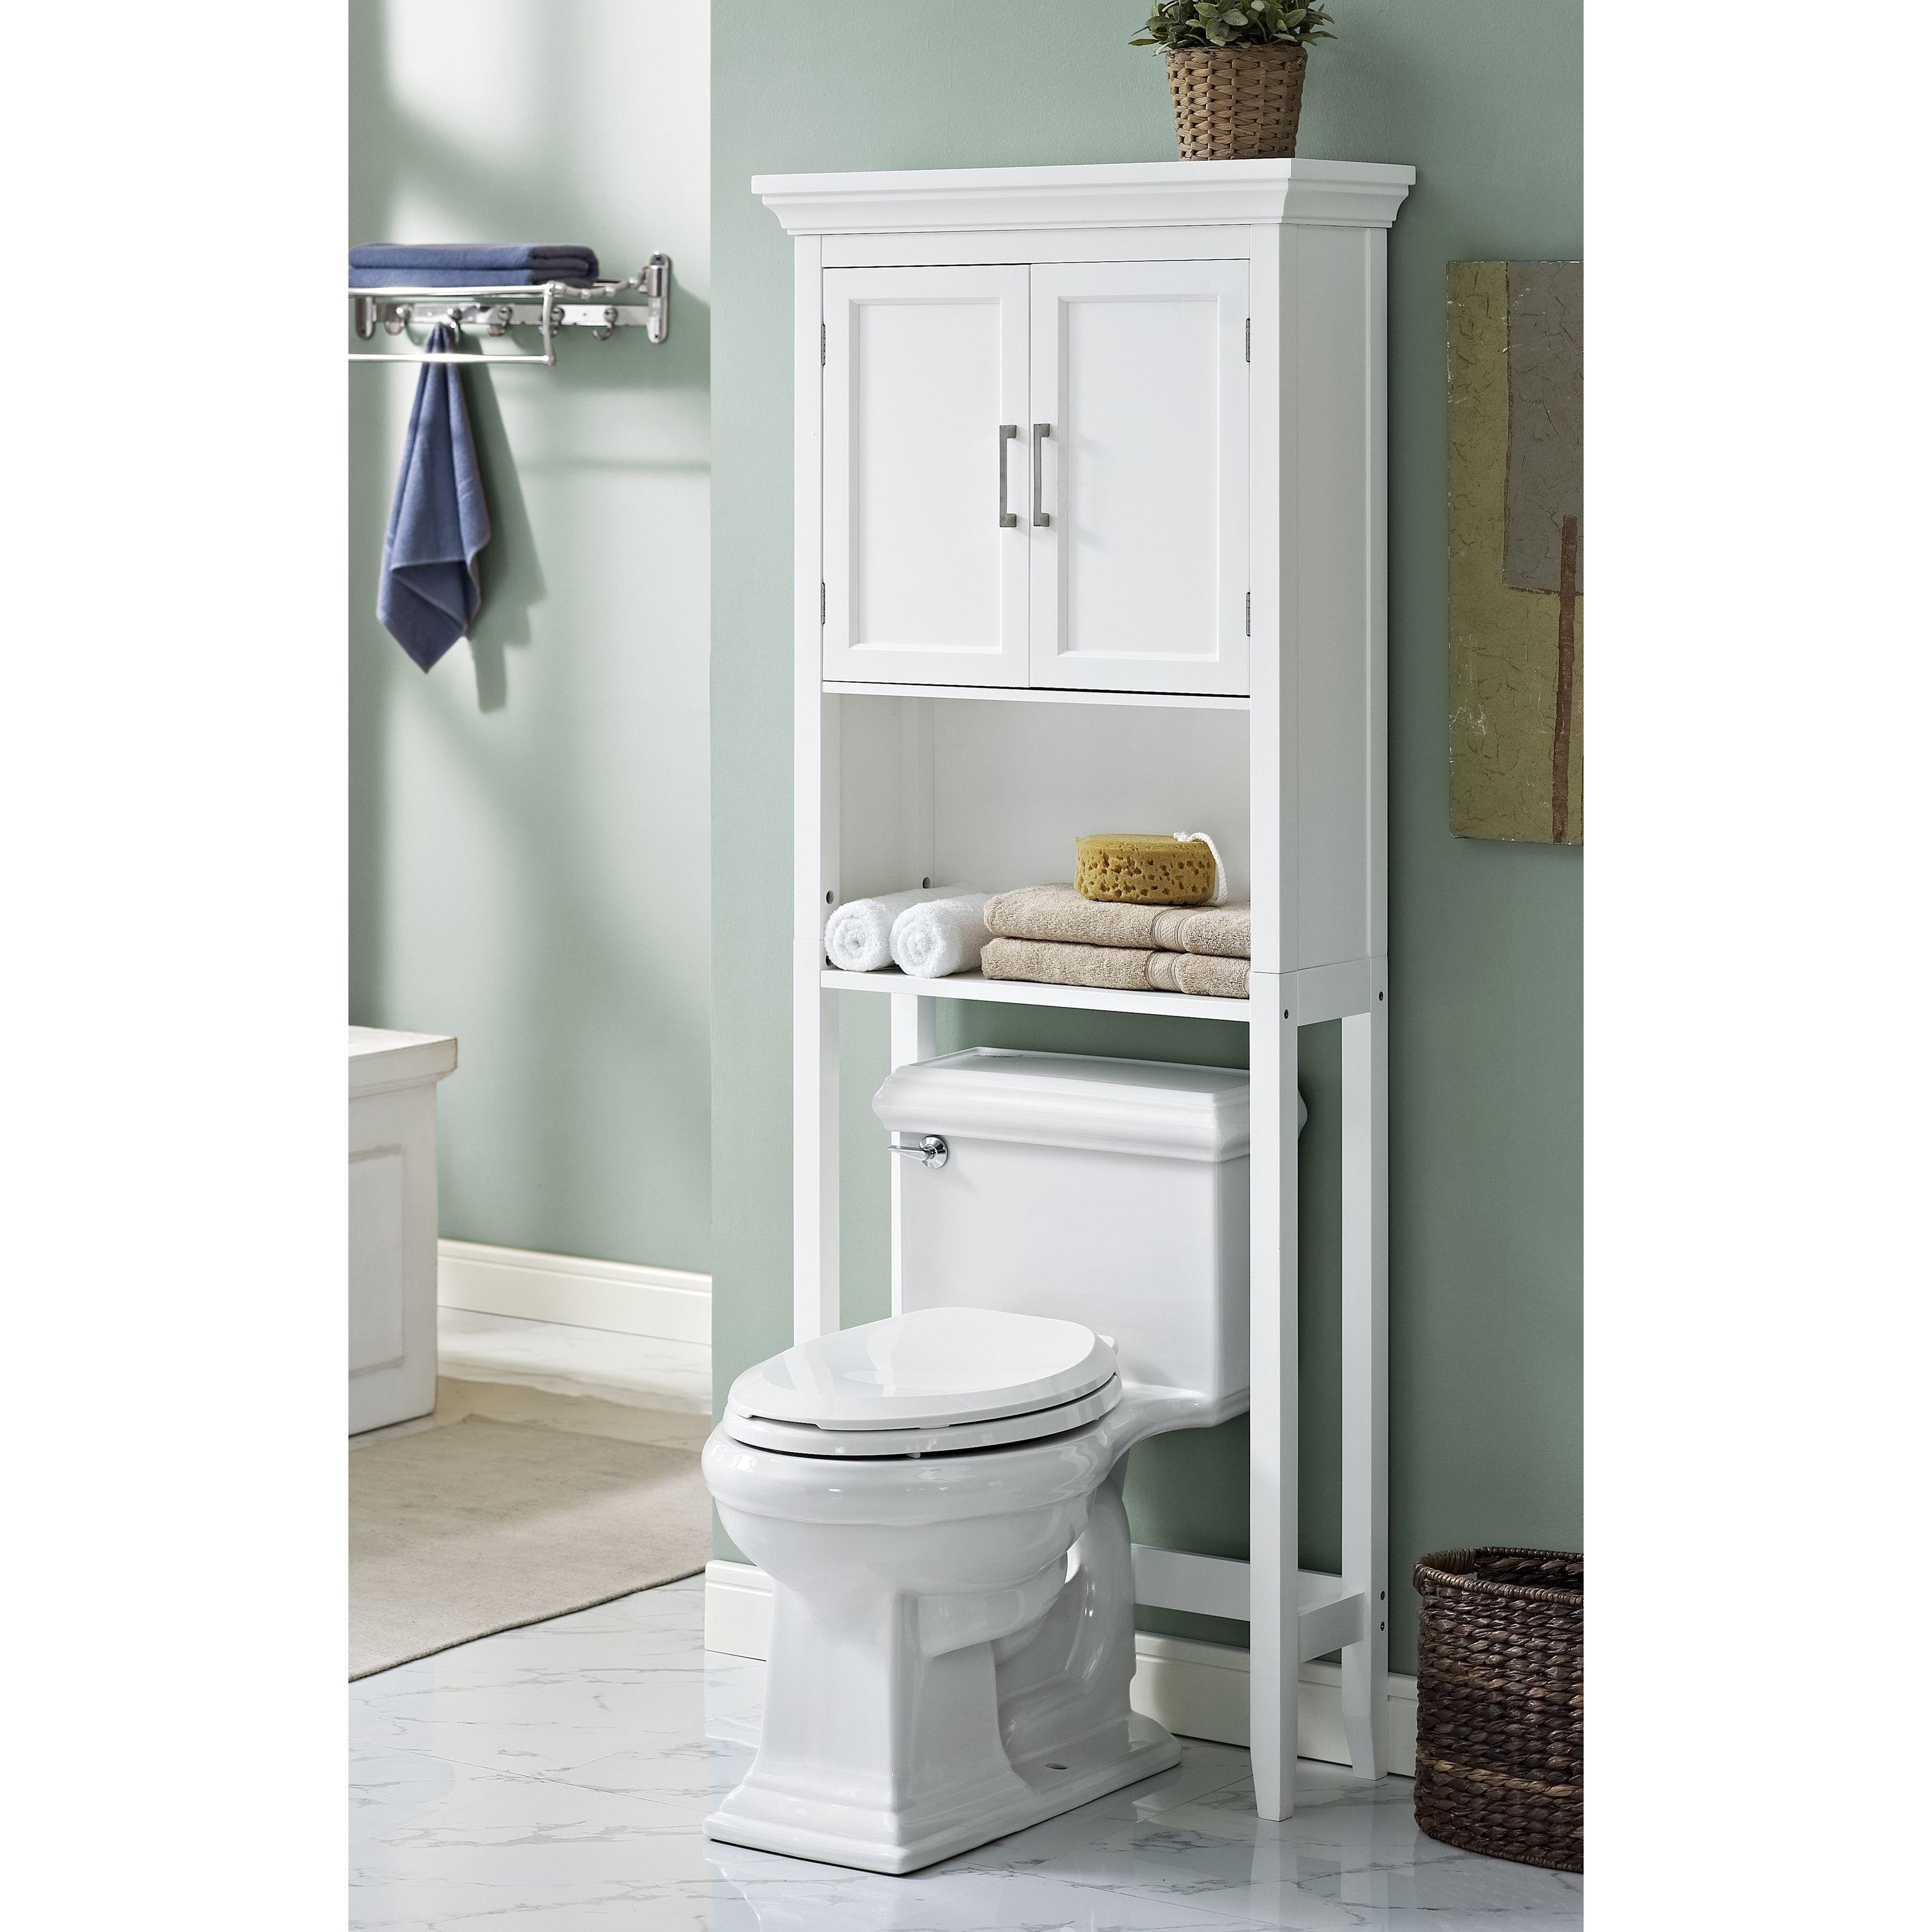 Wyndenhall Hayes 67 Inch H X 27 Inch W Space Saver Bath Cabinet In